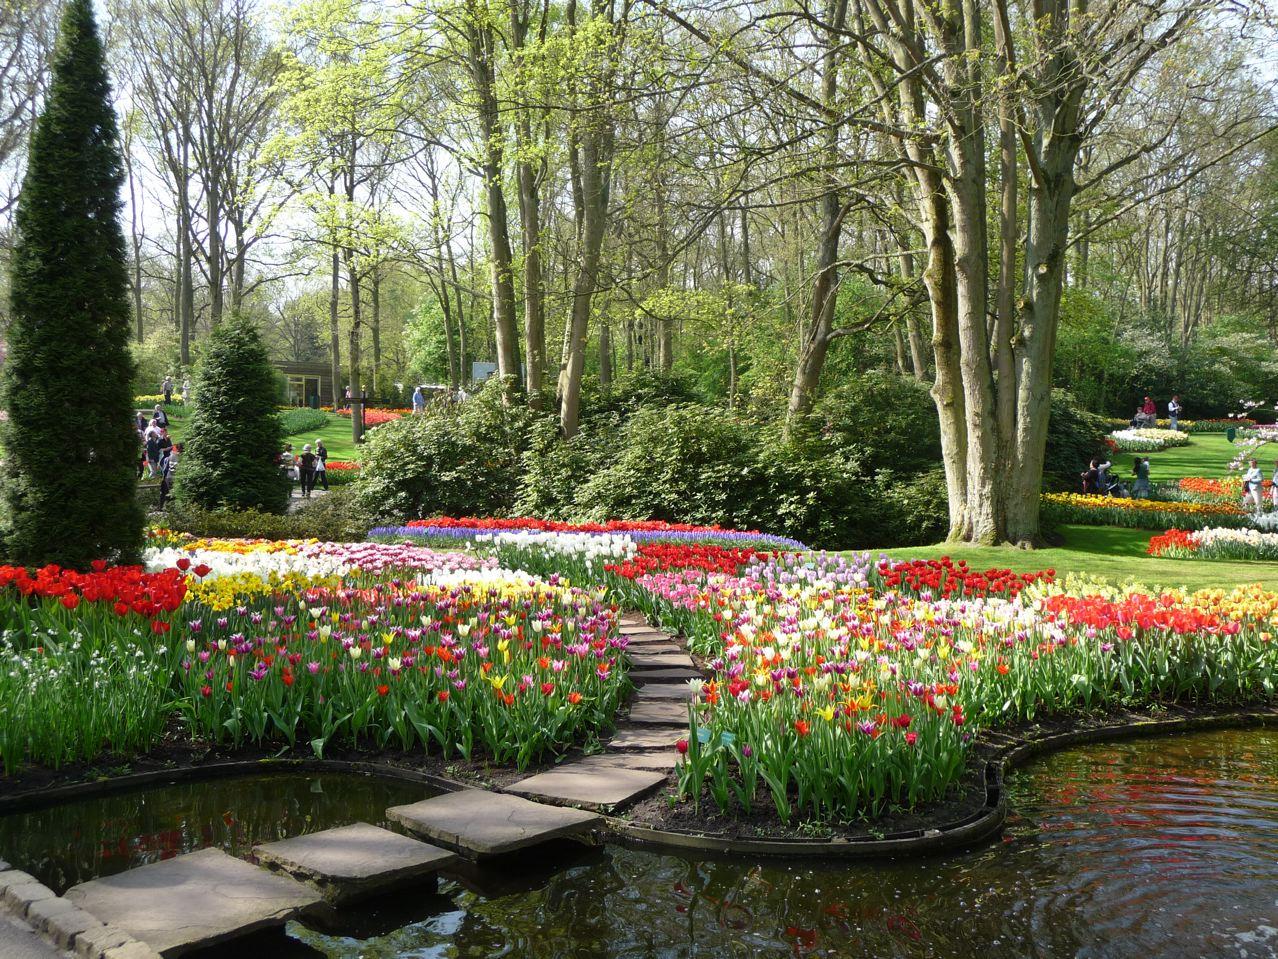 Les floraisons printanières dans le parc de Keukenhof en Hollande